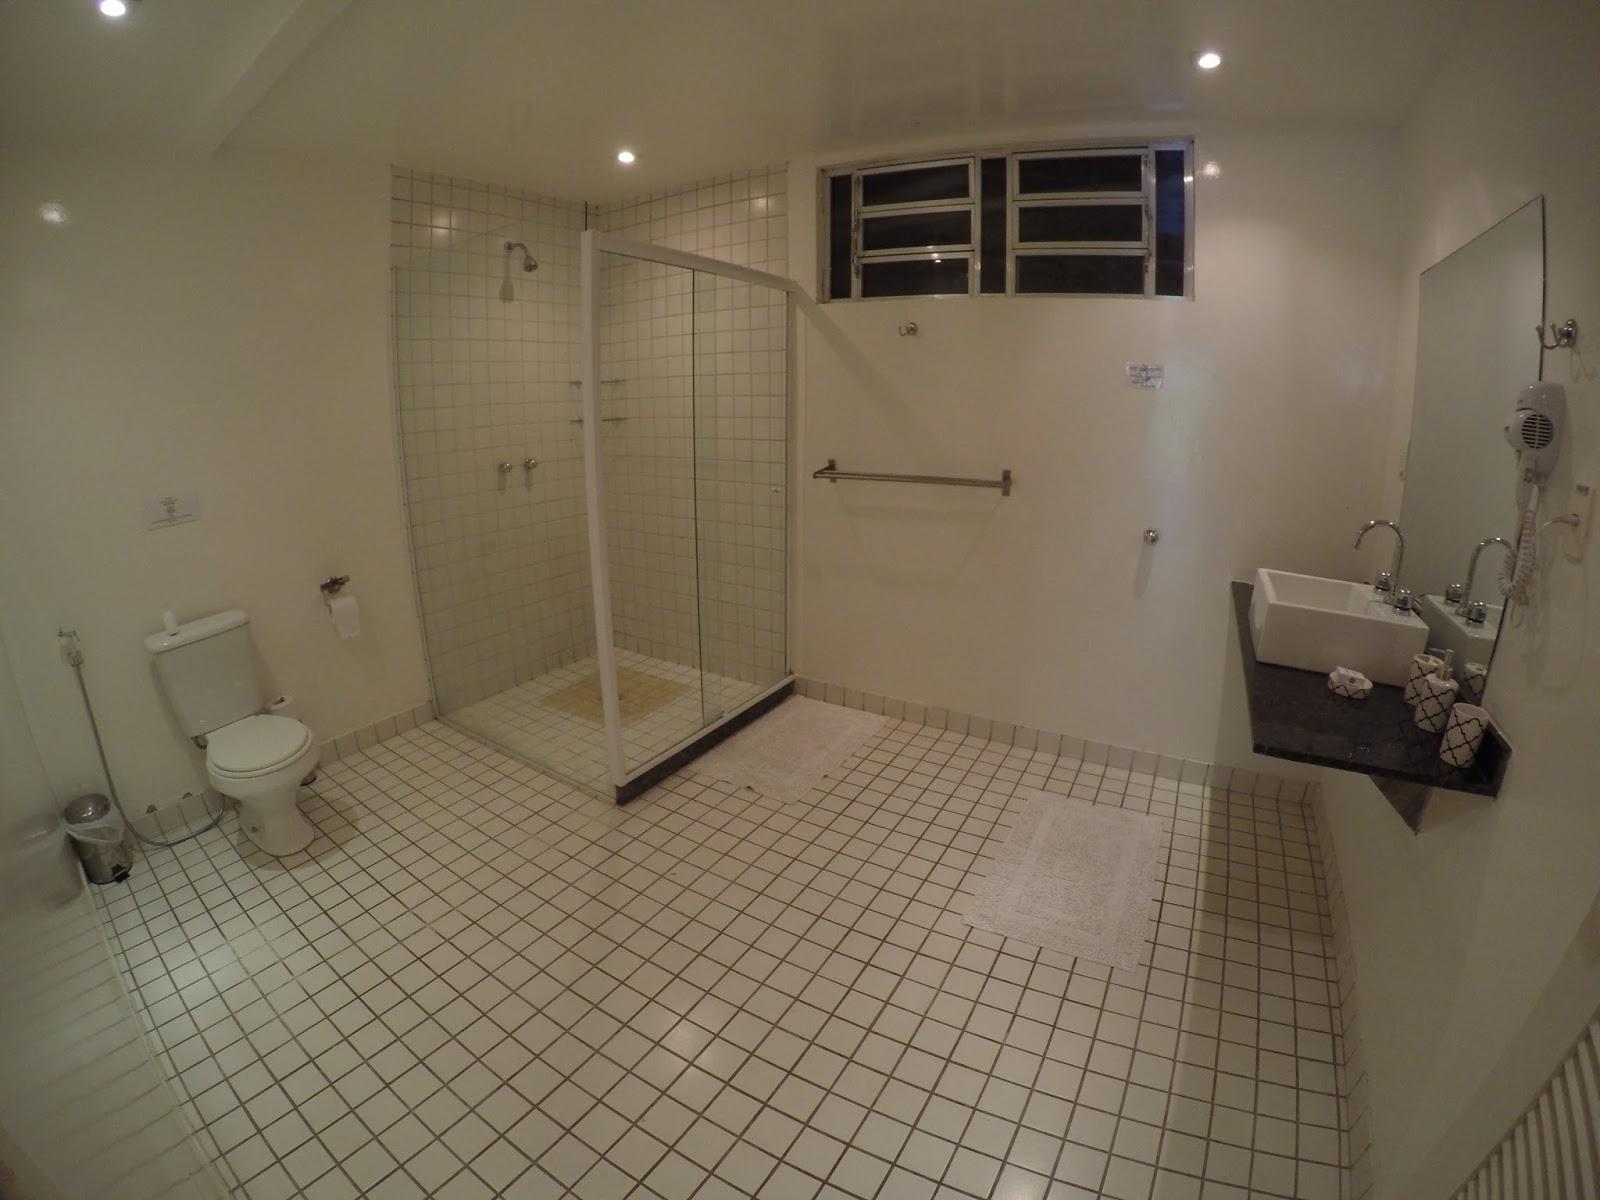 Imagens de #5C503F Altos de Santa Teresa Guest House possui 3 tipos de suítes: Standard  1600x1200 px 3530 Blindex Banheiro Rio De Janeiro